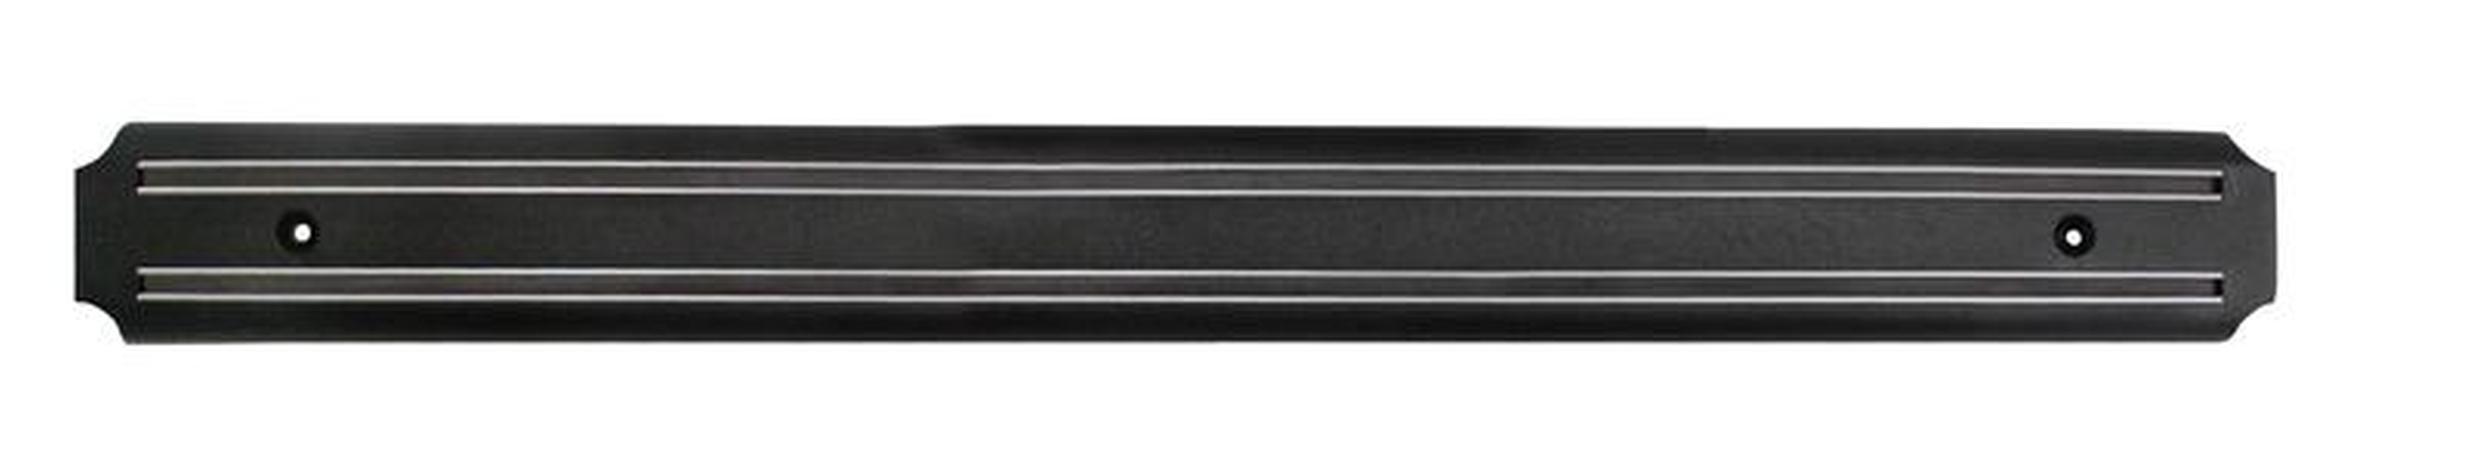 Provence | Lišta magnetická na nože, 56 x 5 cm